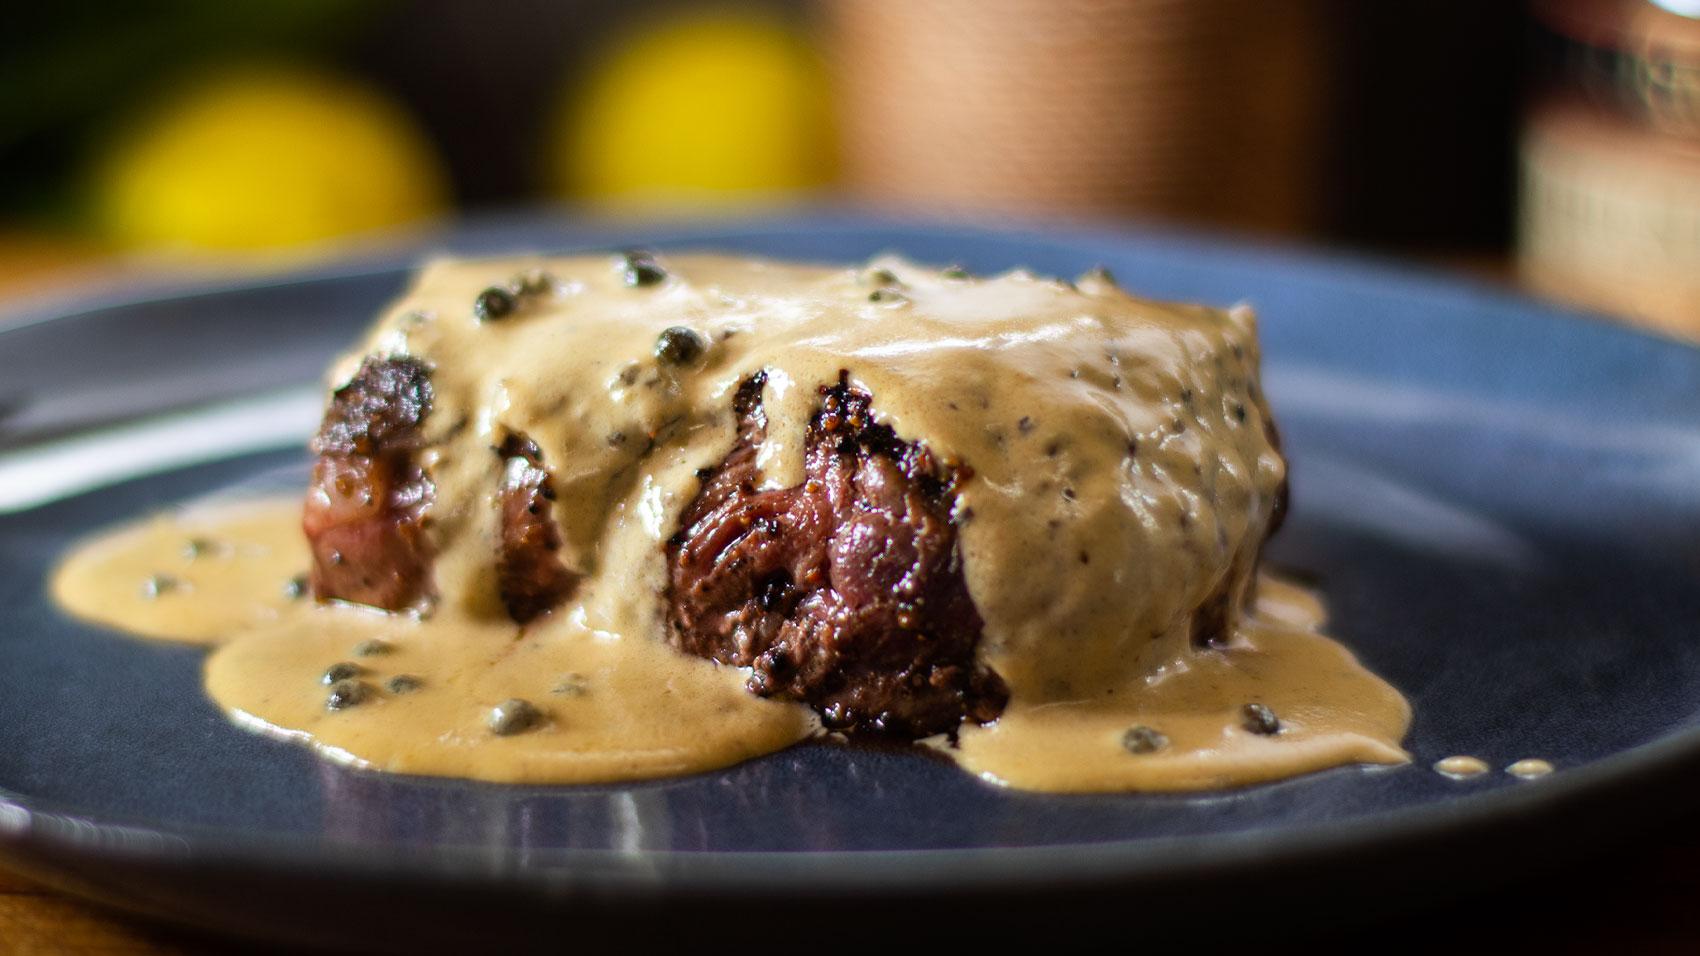 Filet Mignon: Steak Au Poivre